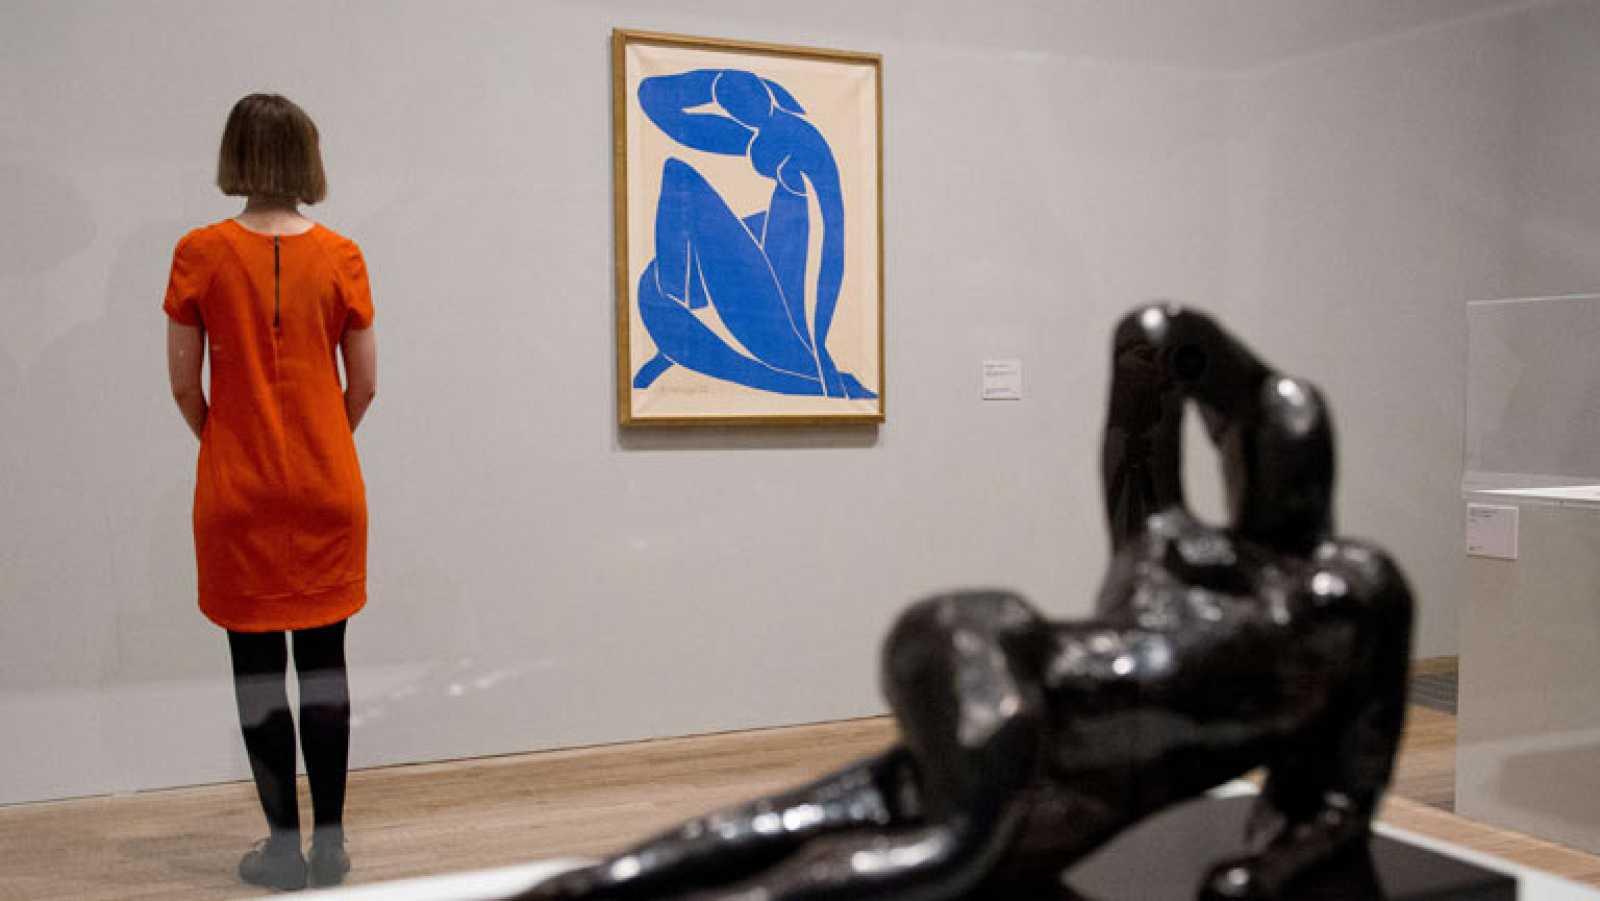 Exposición de Matisse en la Tate Modern de Londres